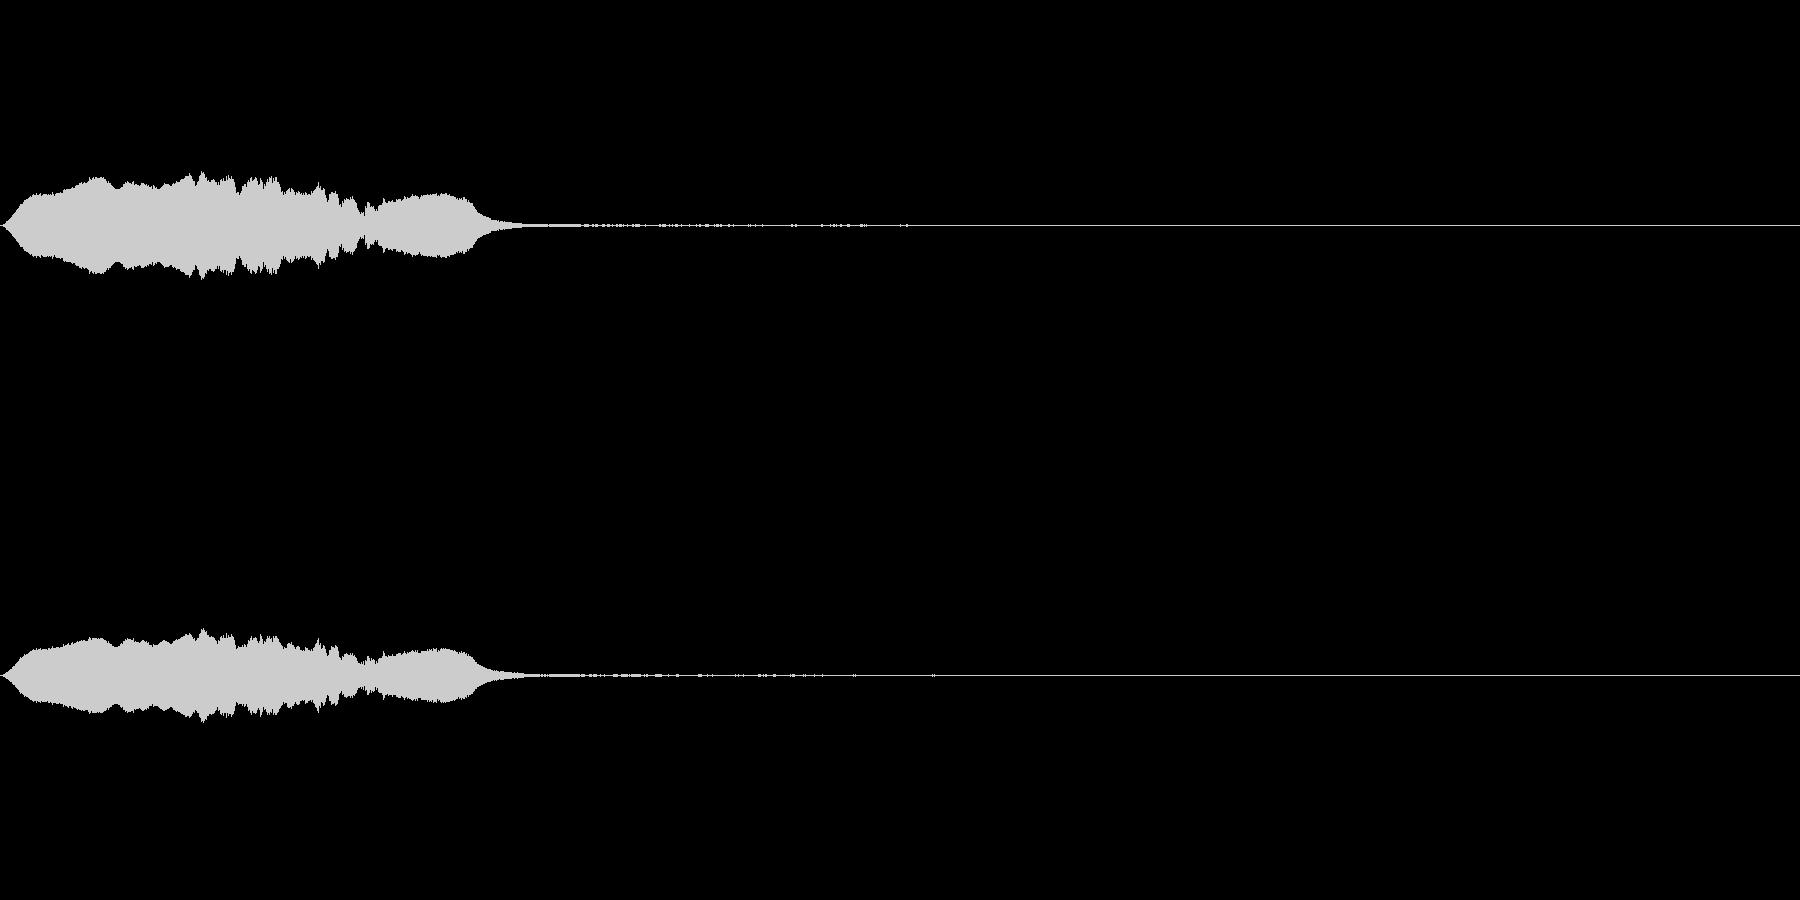 スライドホイッスル-3の未再生の波形